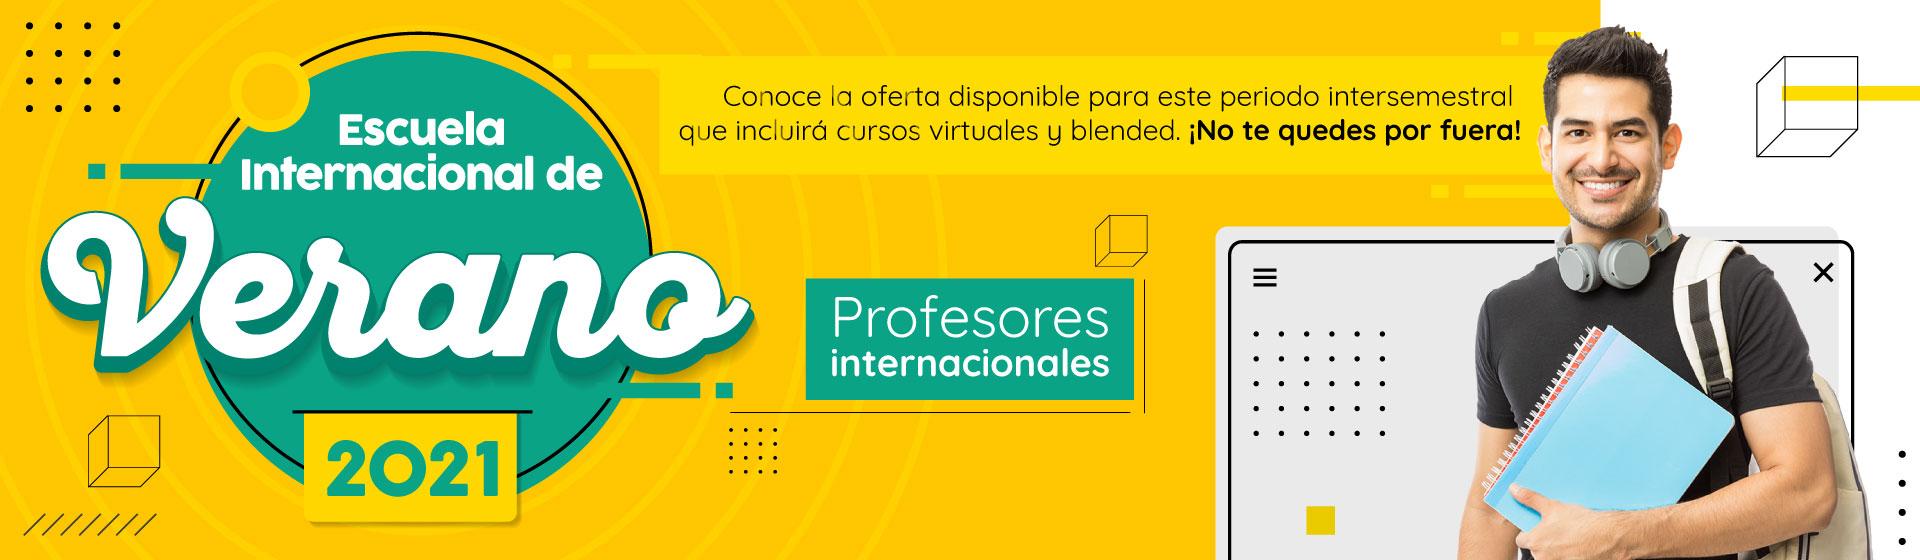 escuela internacional verano ingeniería química alimentos uniandes